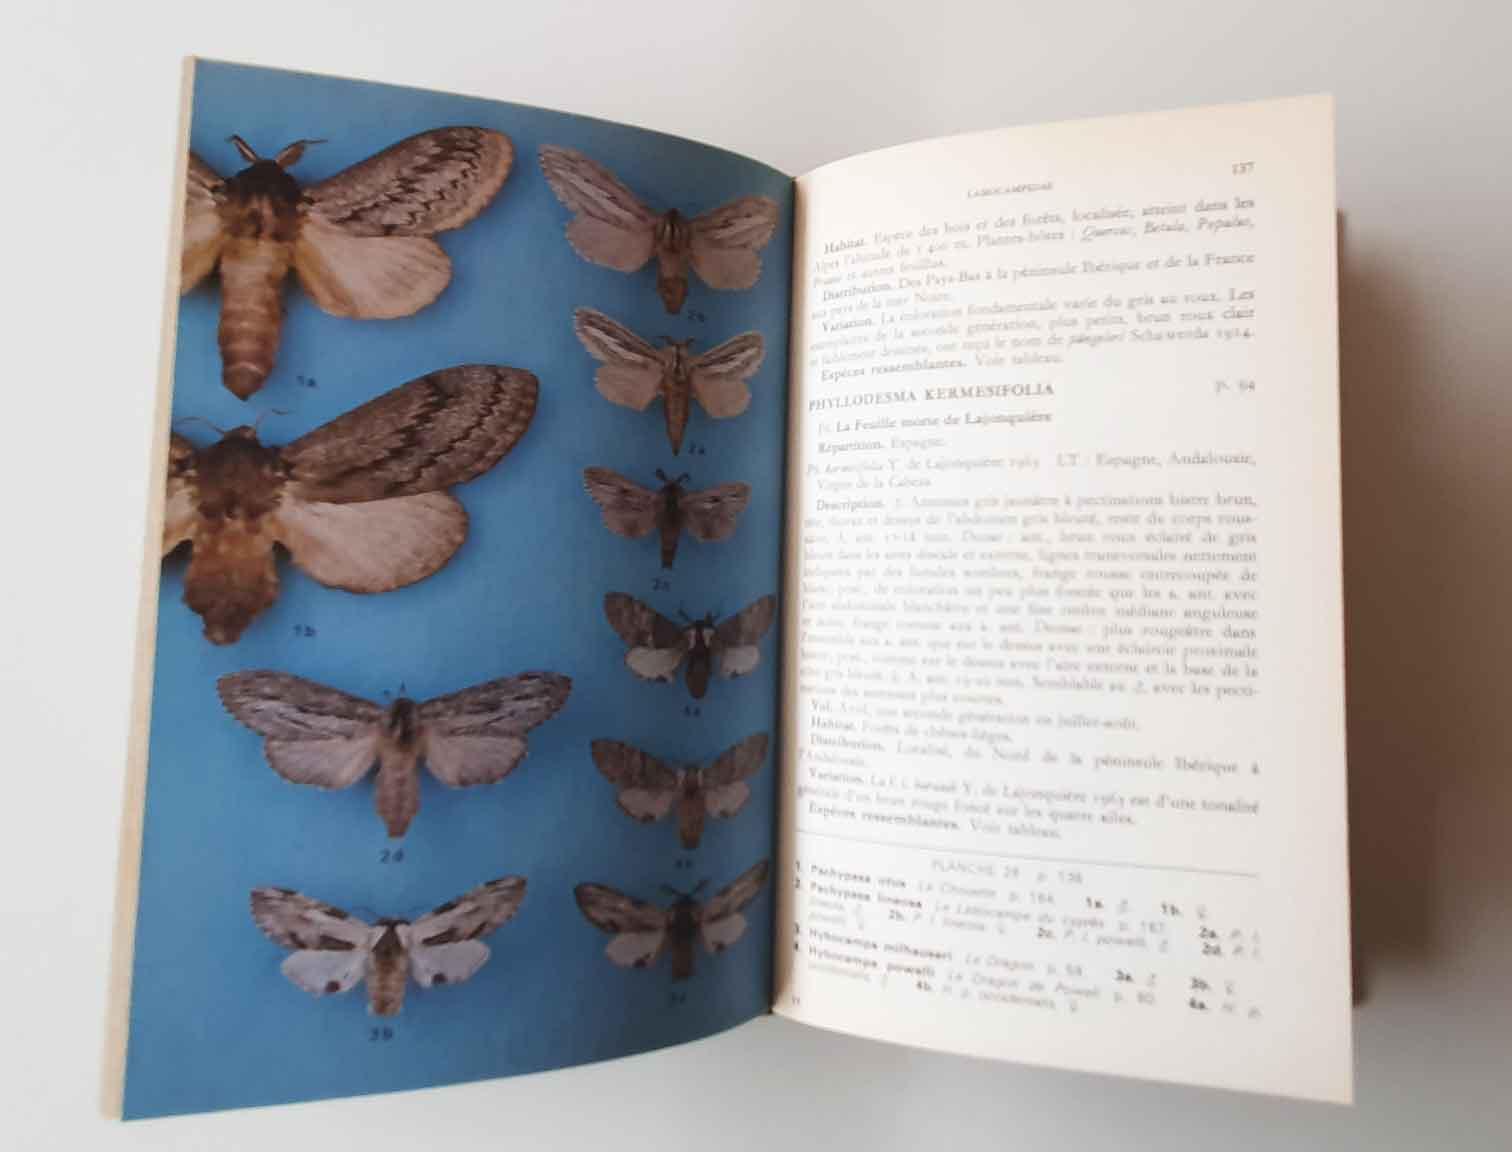 guide-des-papillons-nocturnes1